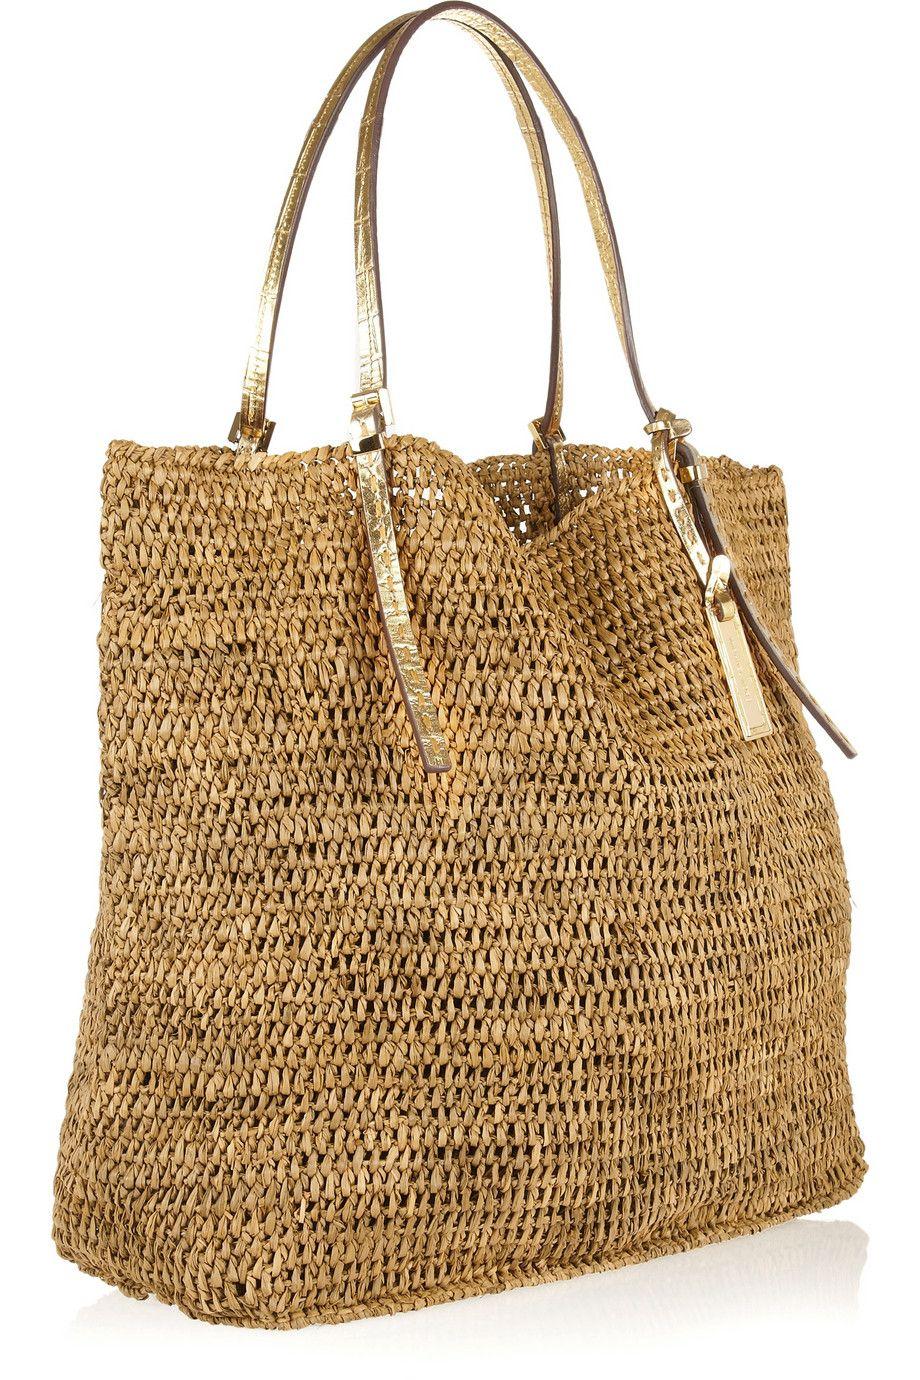 c5d75709ca536 Michael Kors beach bag for florida | Accessories I Dig | Bags ...